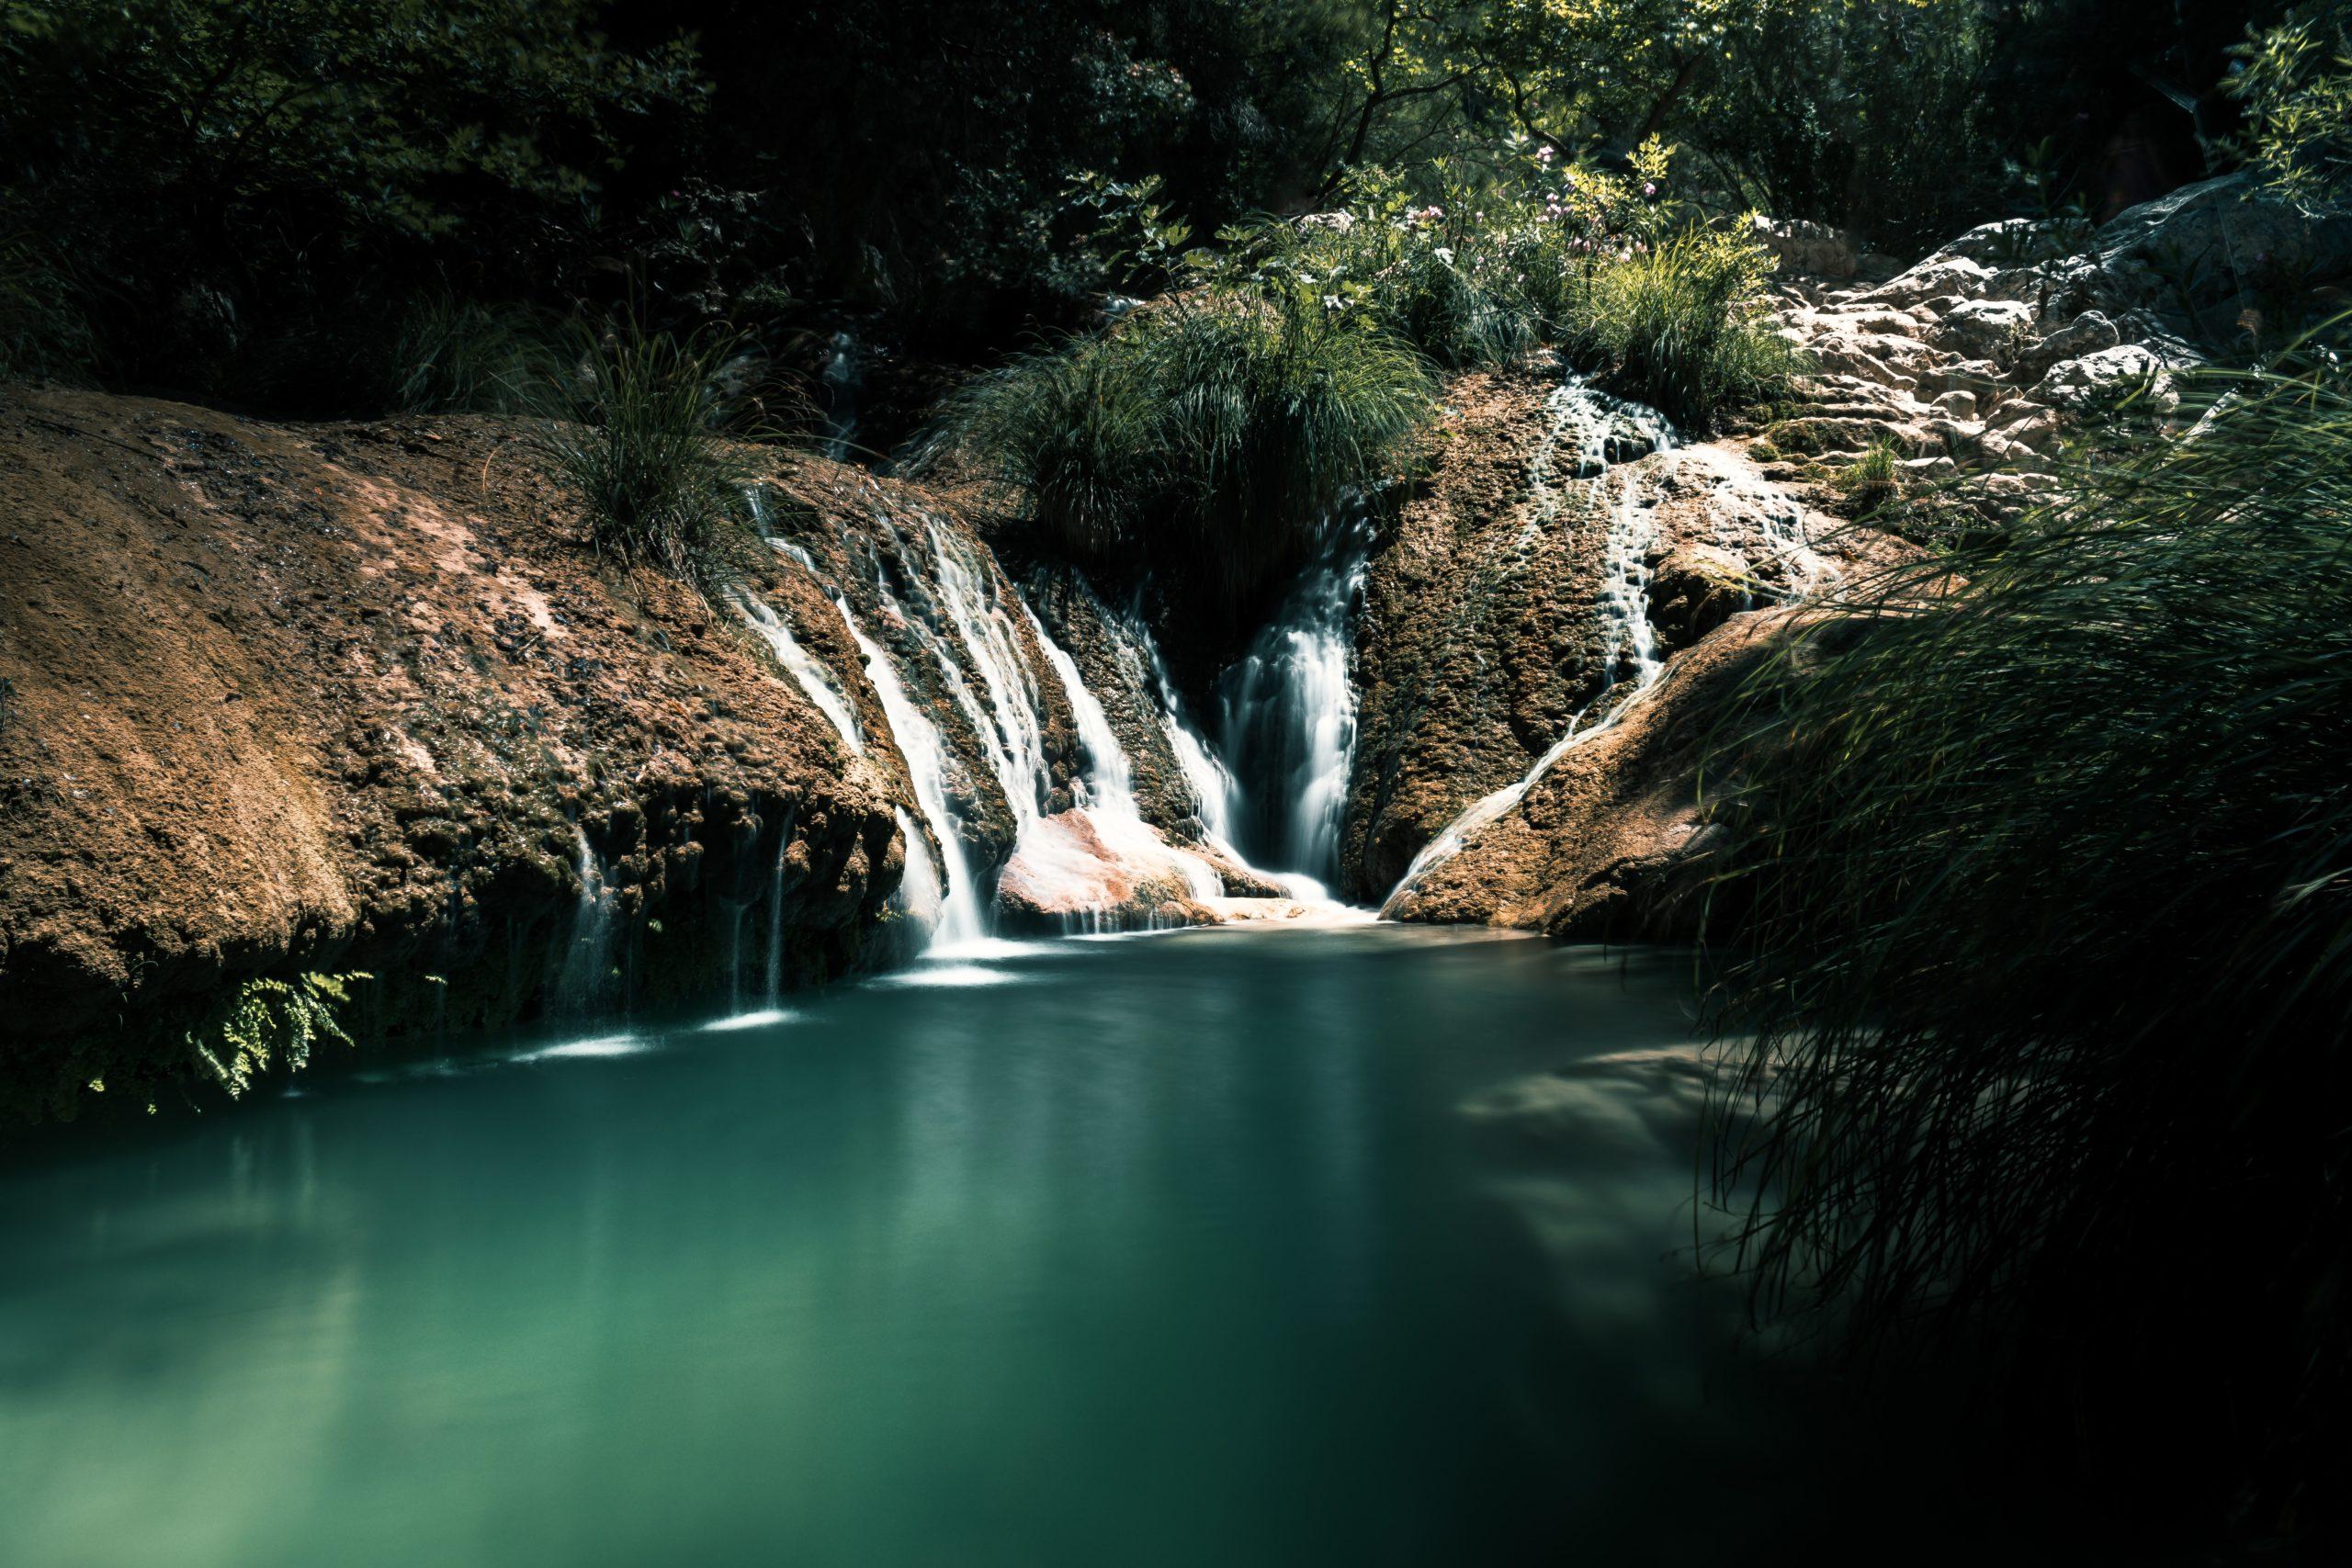 أجمل العجائب الطبيعية الفريدة والمذهلة في اليونان